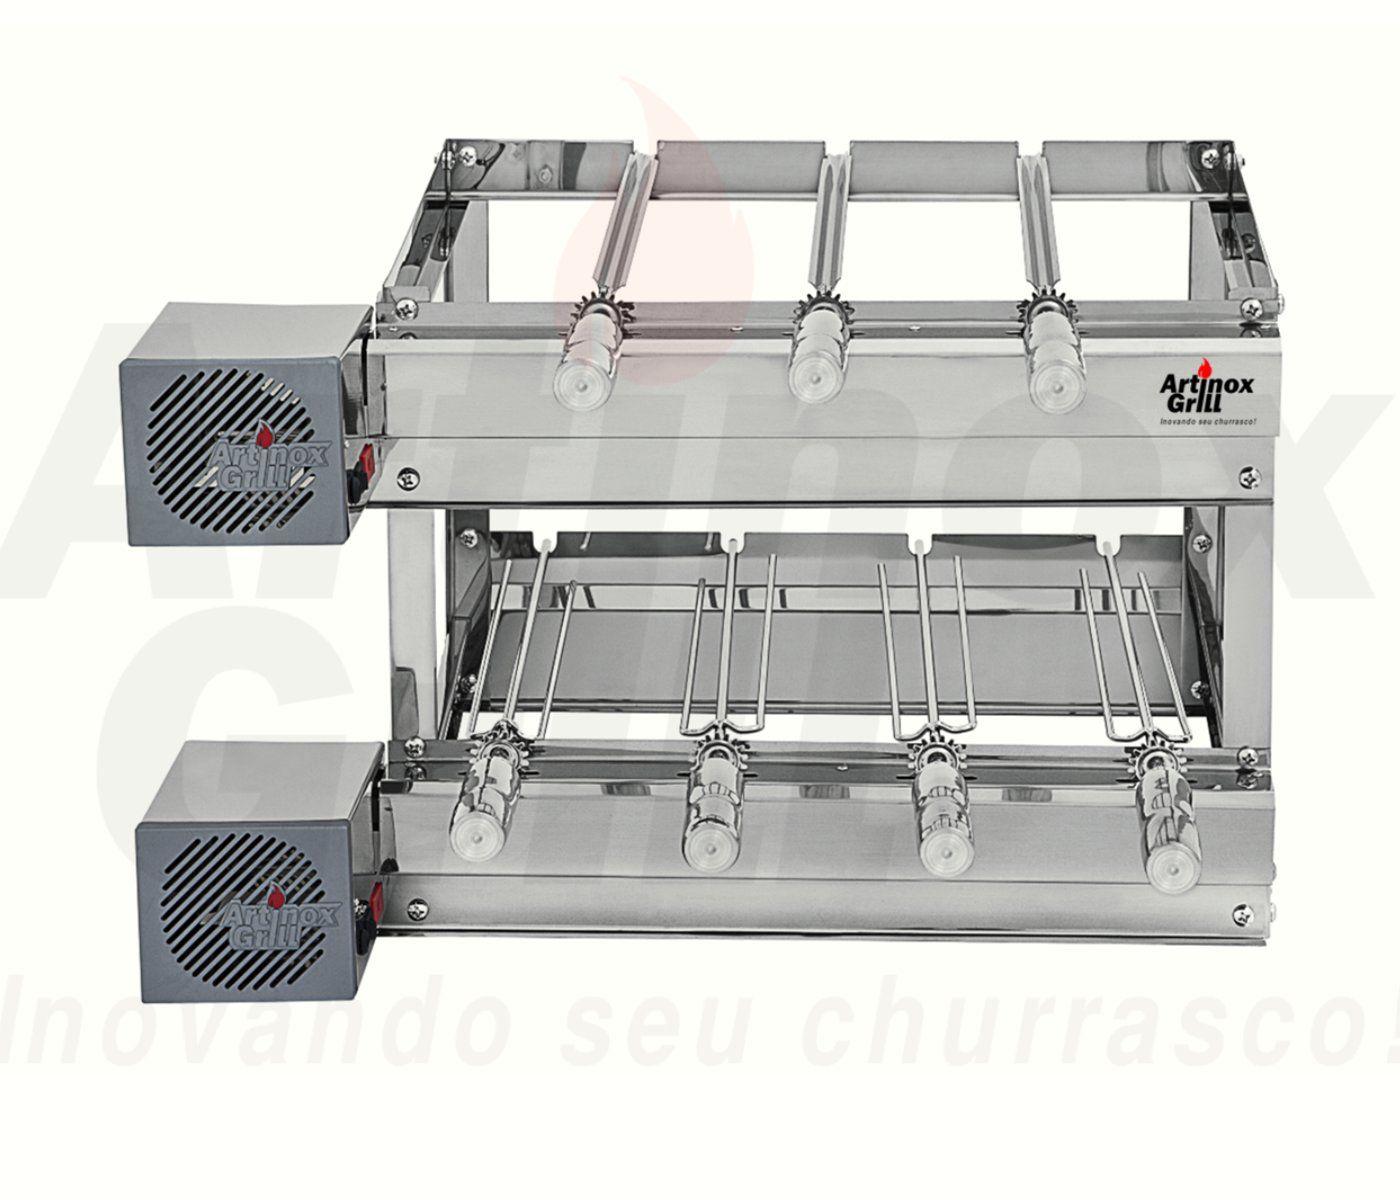 Churrasqueira Inox Gira Grill 7 Espetos Giratórios com 2 Andares e 2 Motores Bivolt